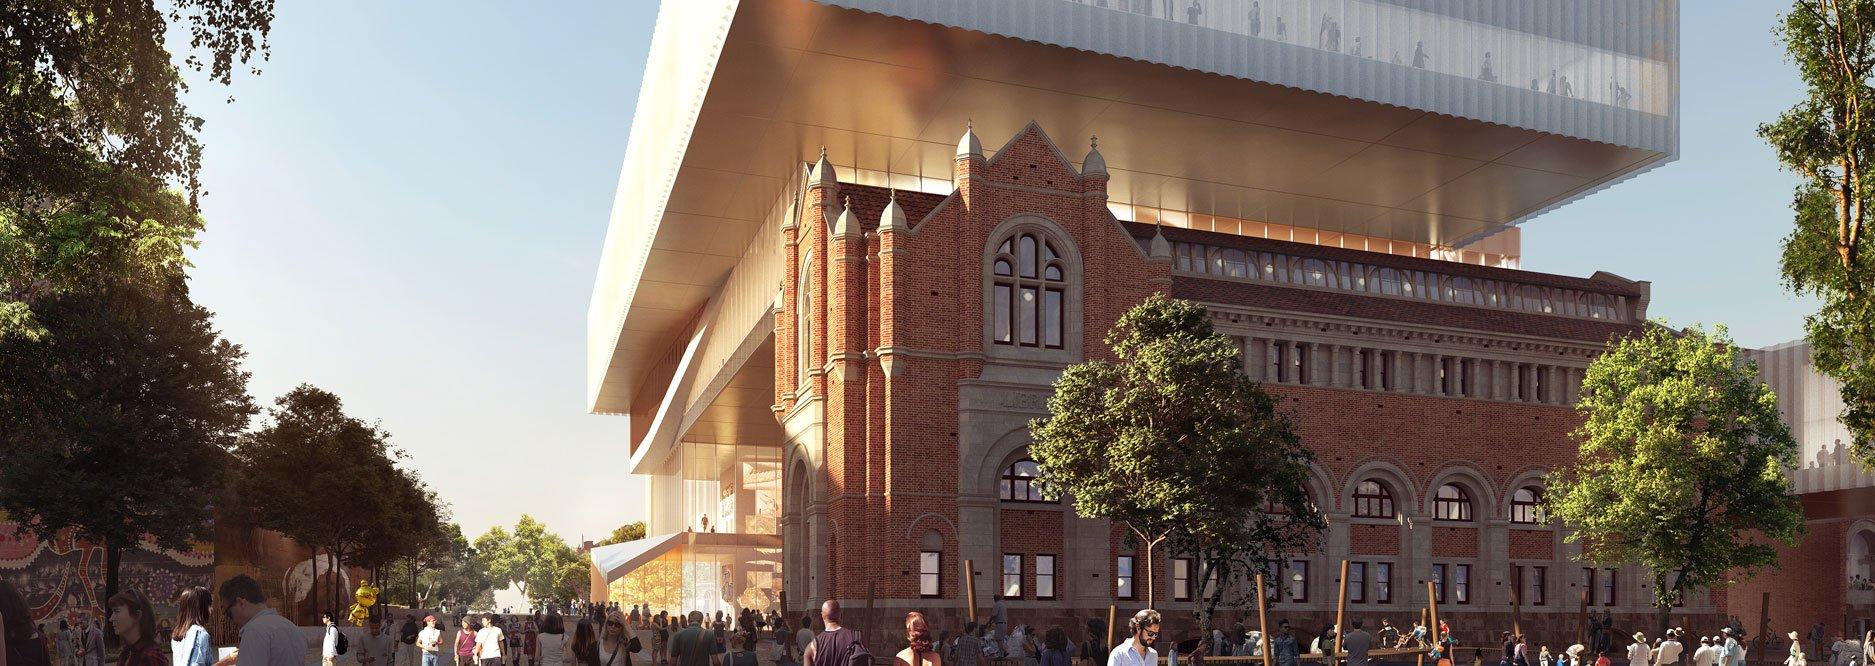 New WA Museum.jpg